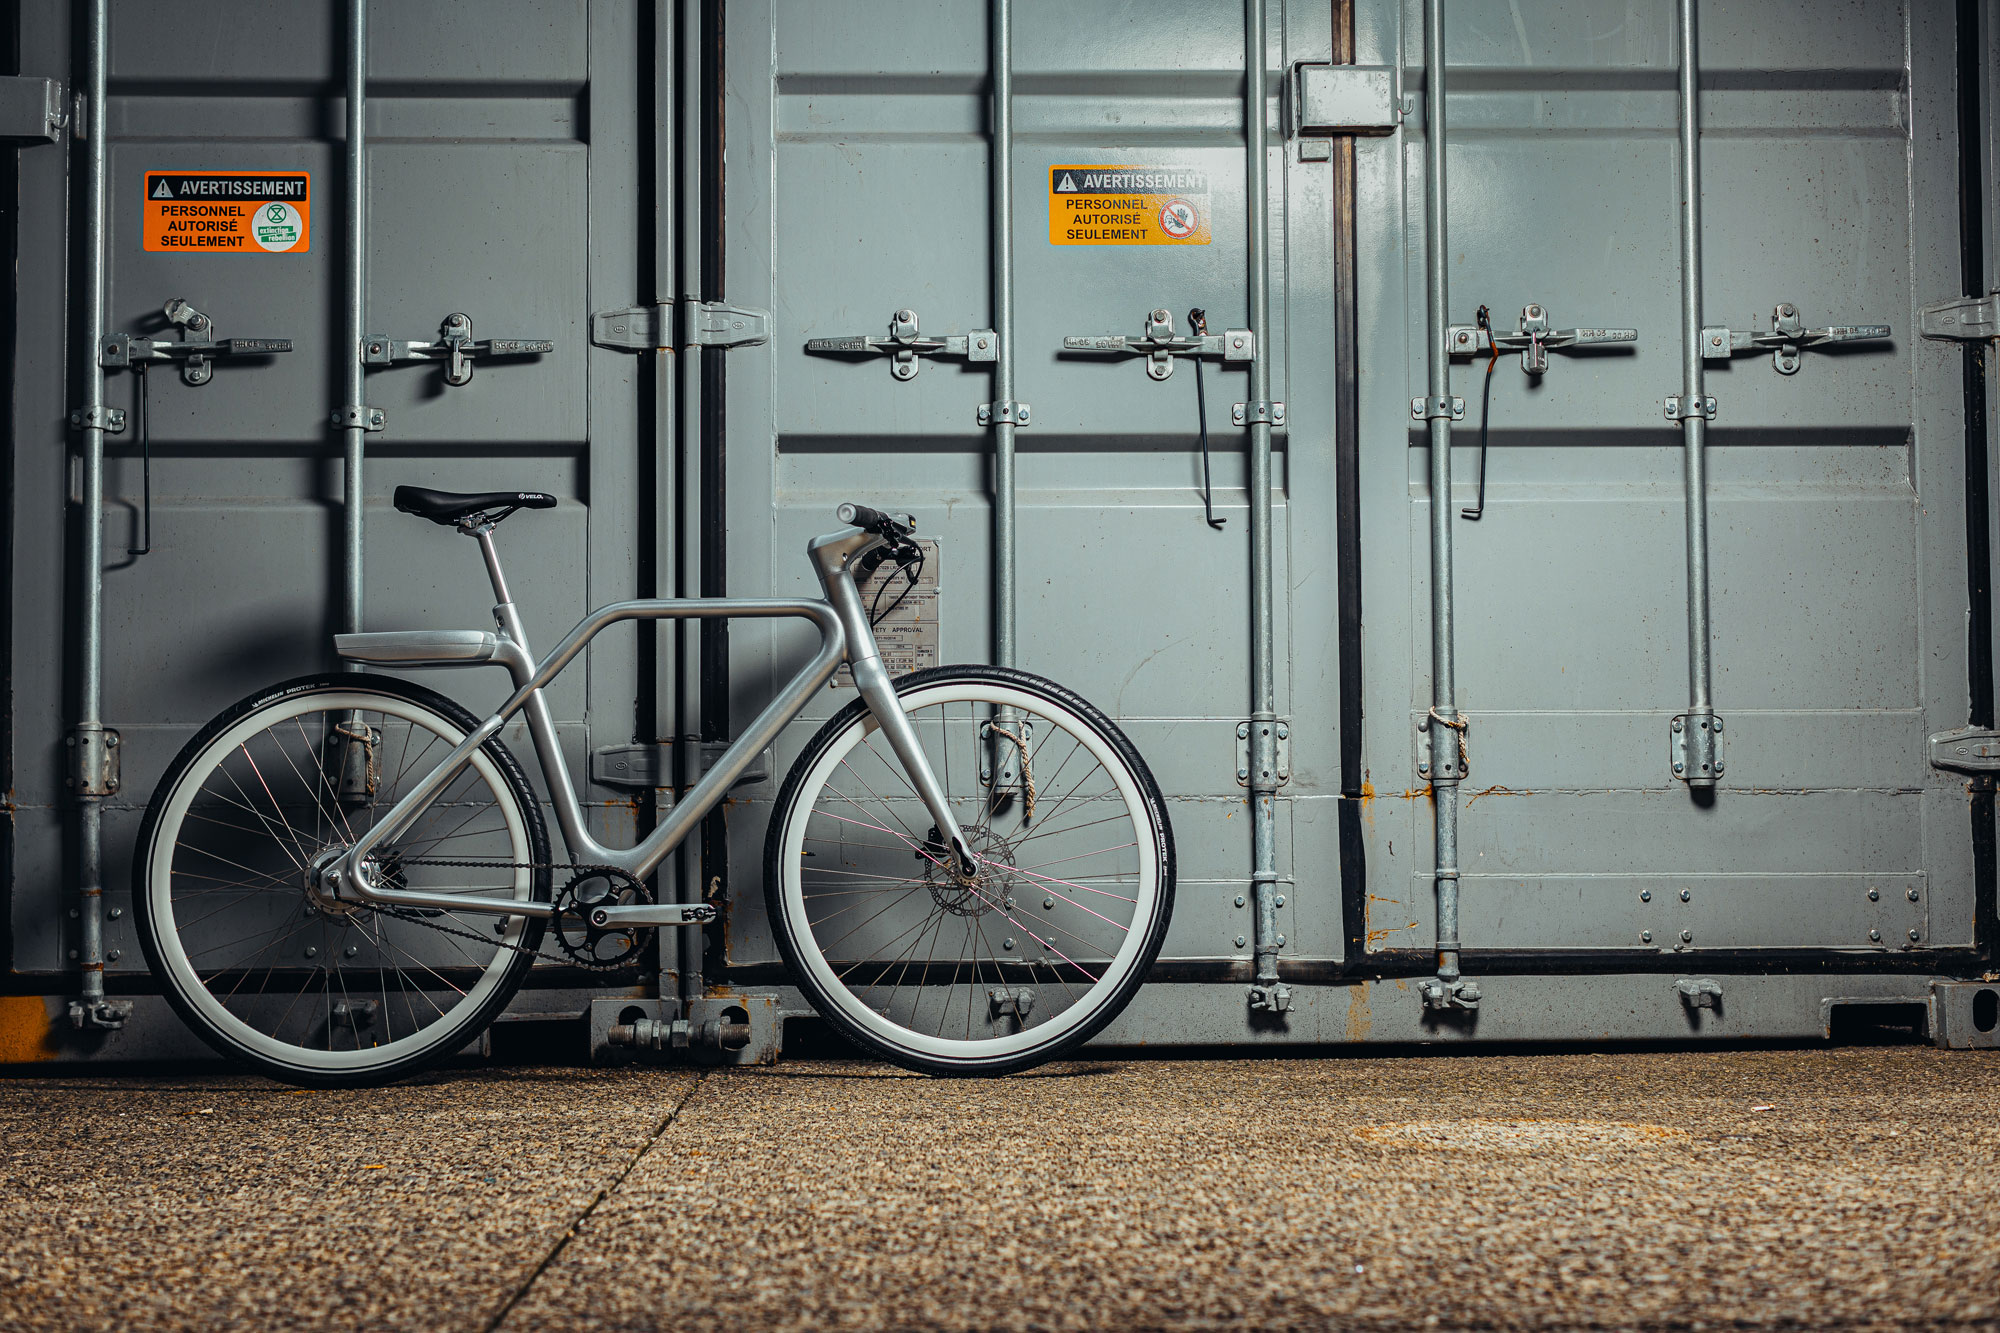 Fahrräder sind das Transportmittel der Stunde